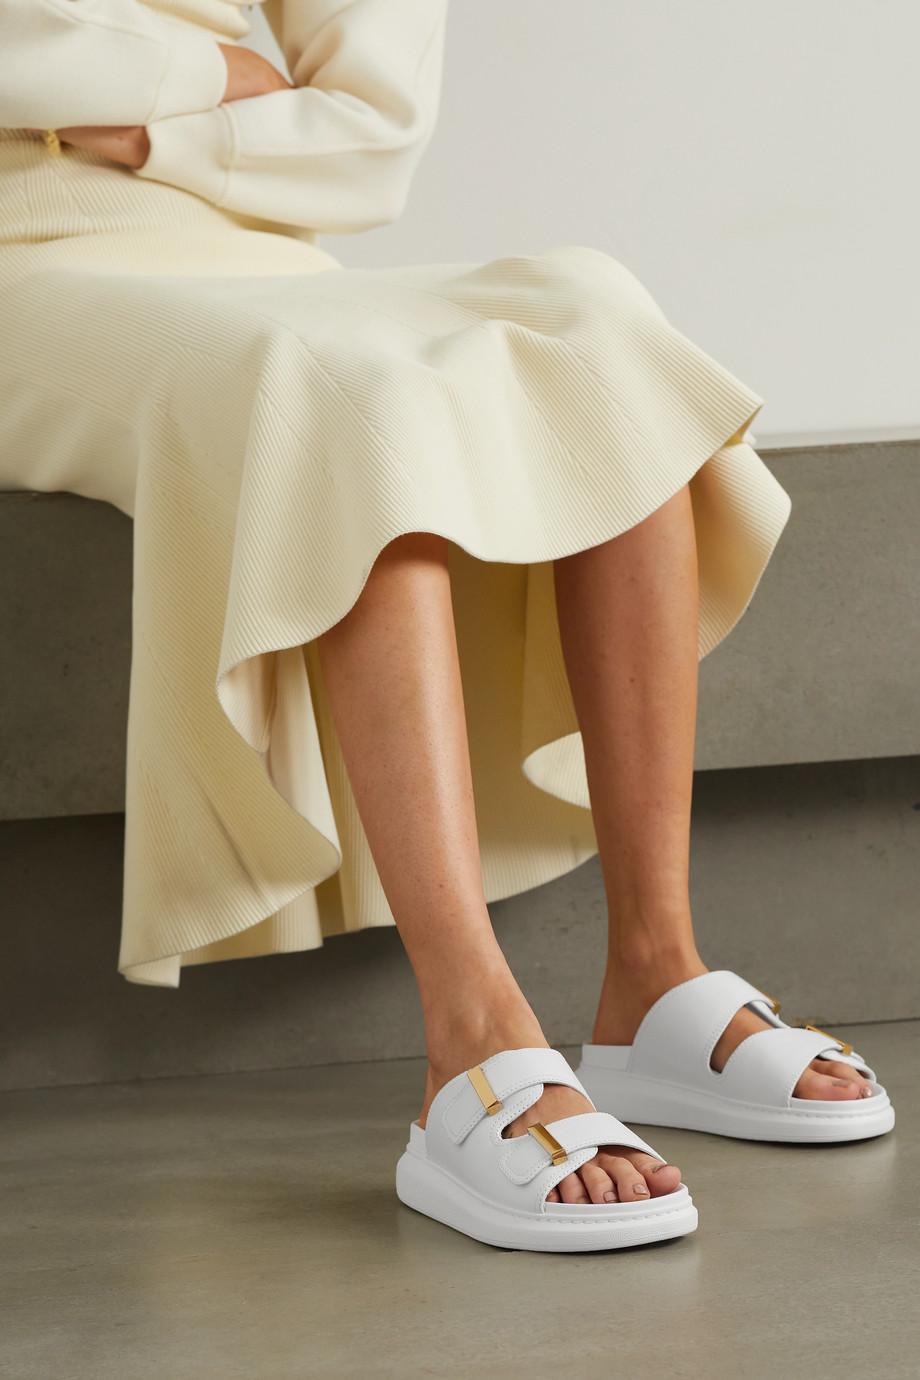 Alexander McQueen Pantoletten aus Leder mit überstehender Sohle